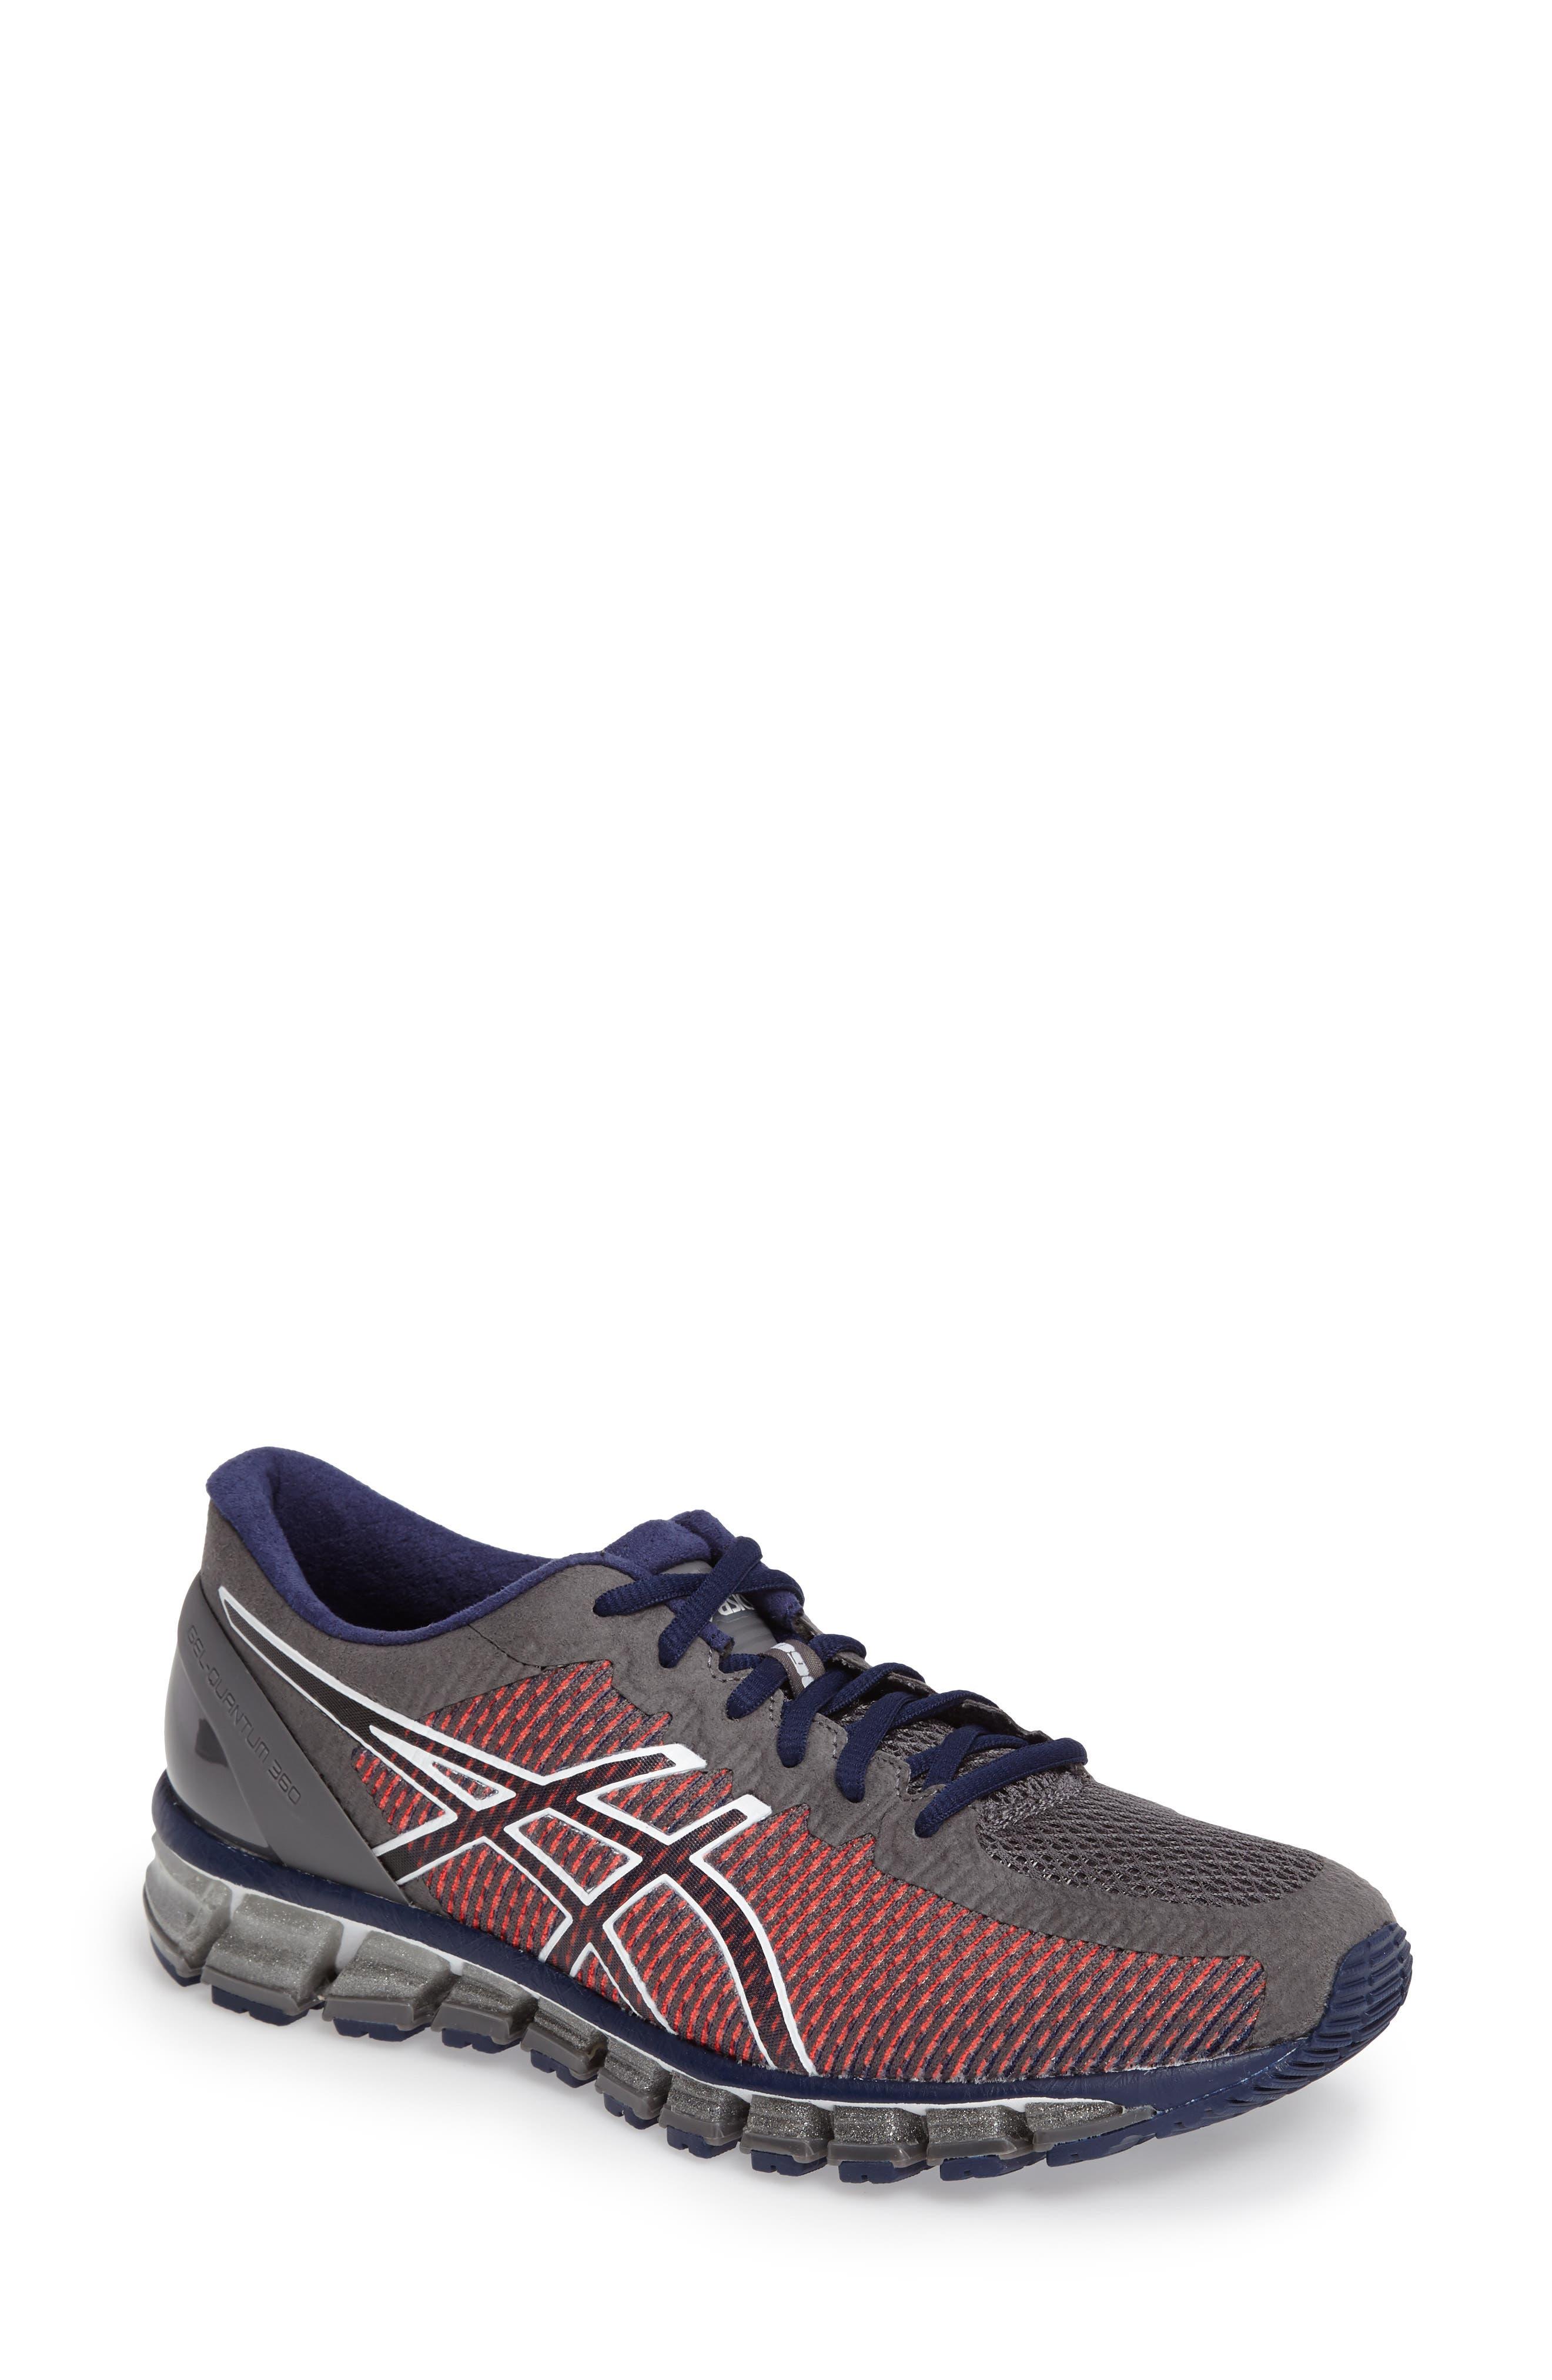 Main Image - ASICS® 'GEL-Quantum 360' Running Shoe (Men)